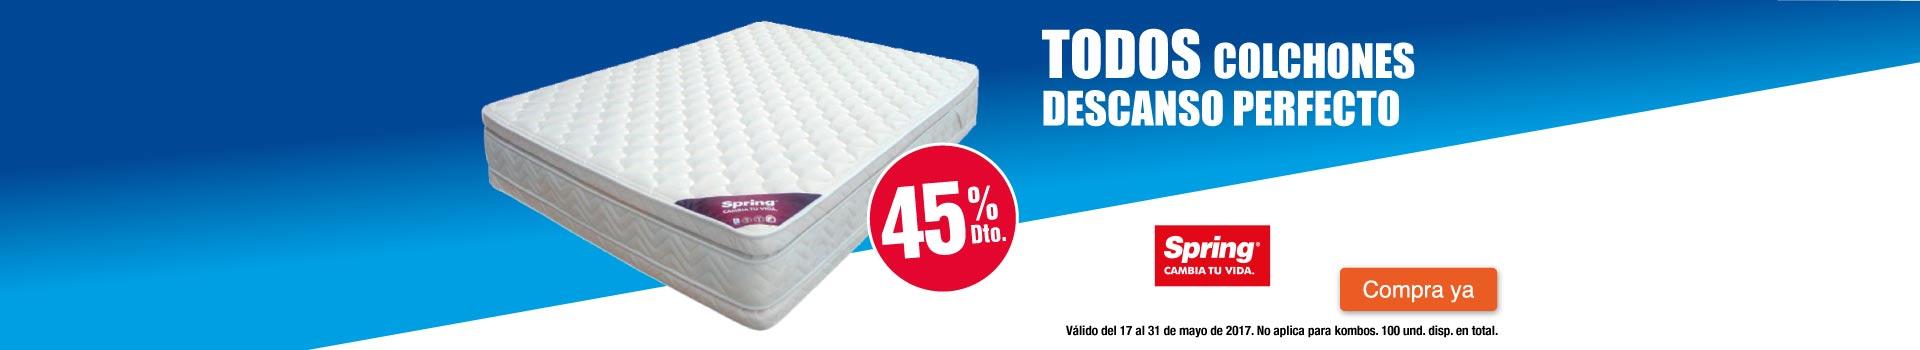 CAT AK - COLCHONES - 45%dto en colchones Spring Descanso Perfecto - may17